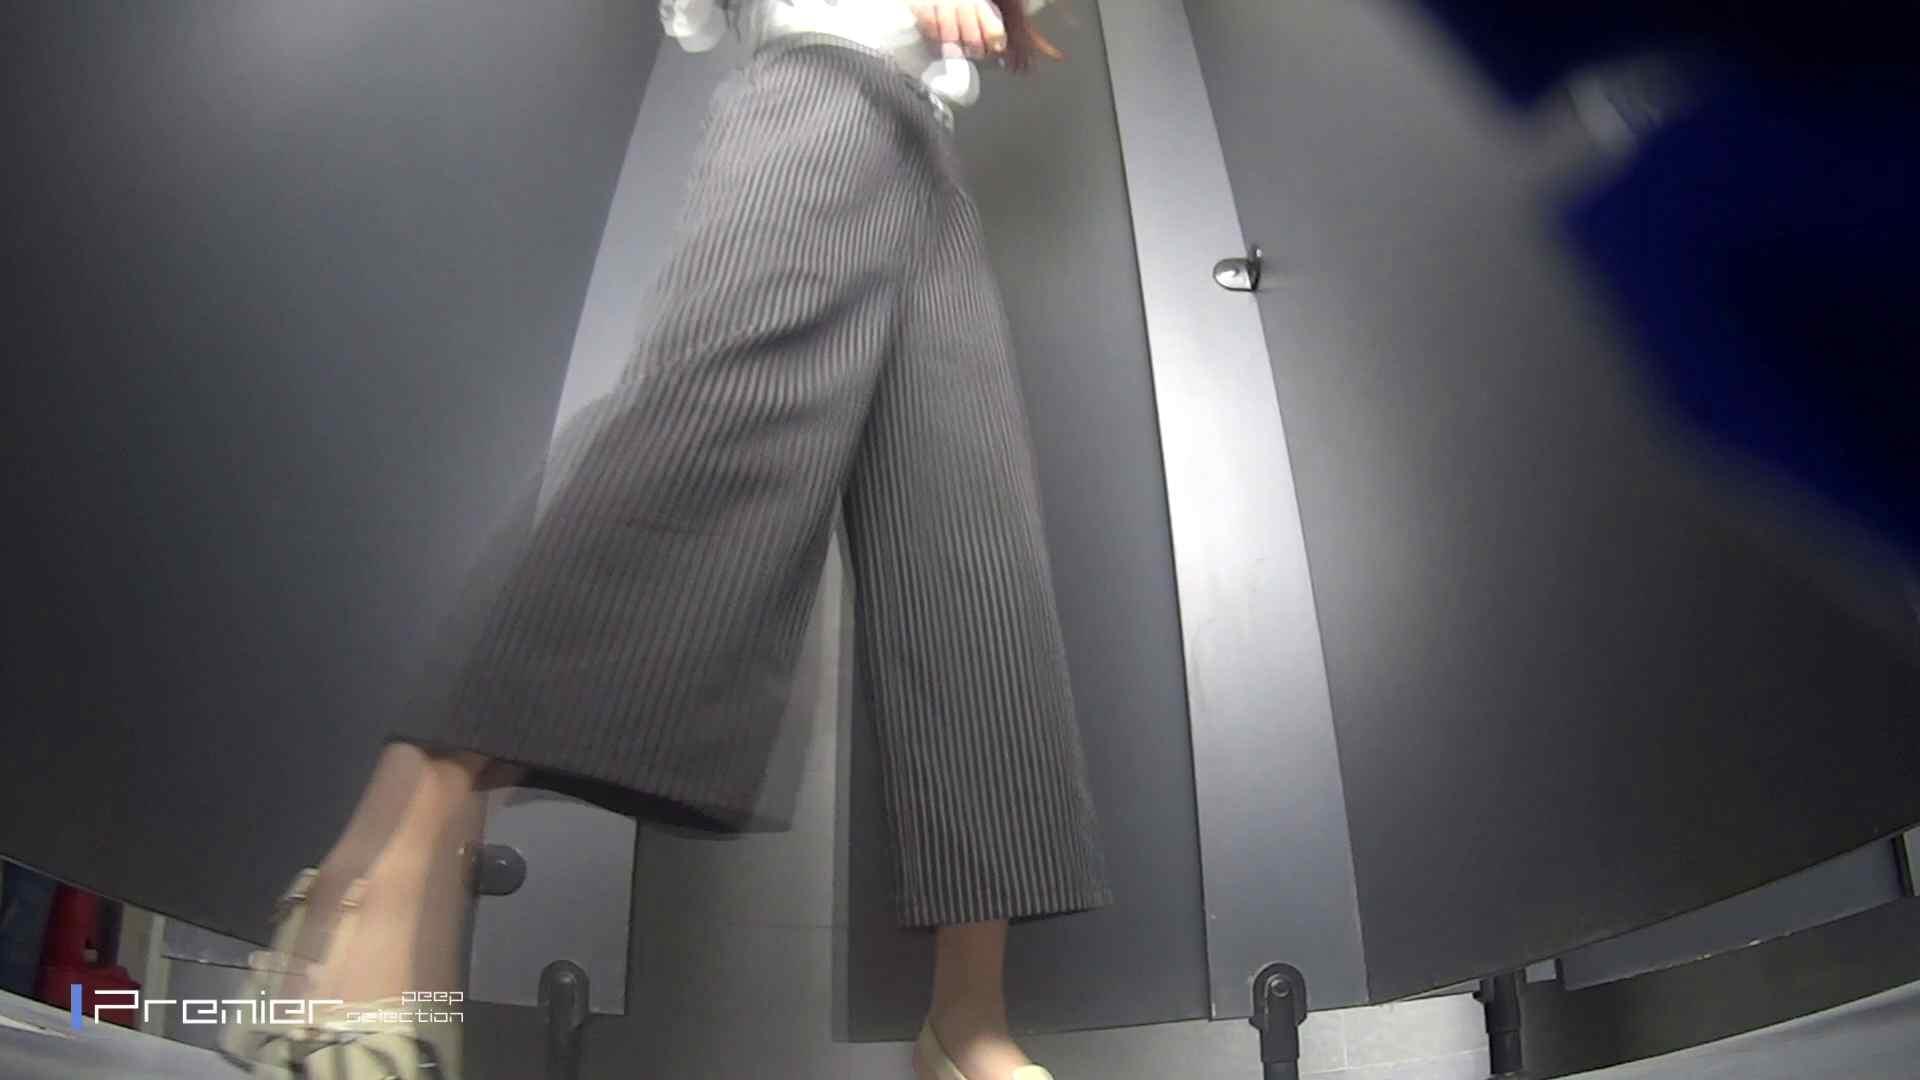 ツンデレお女市さんのトイレ事情 大学休憩時間の洗面所事情32 トイレ中 | 美女達のヌード  100連発 28